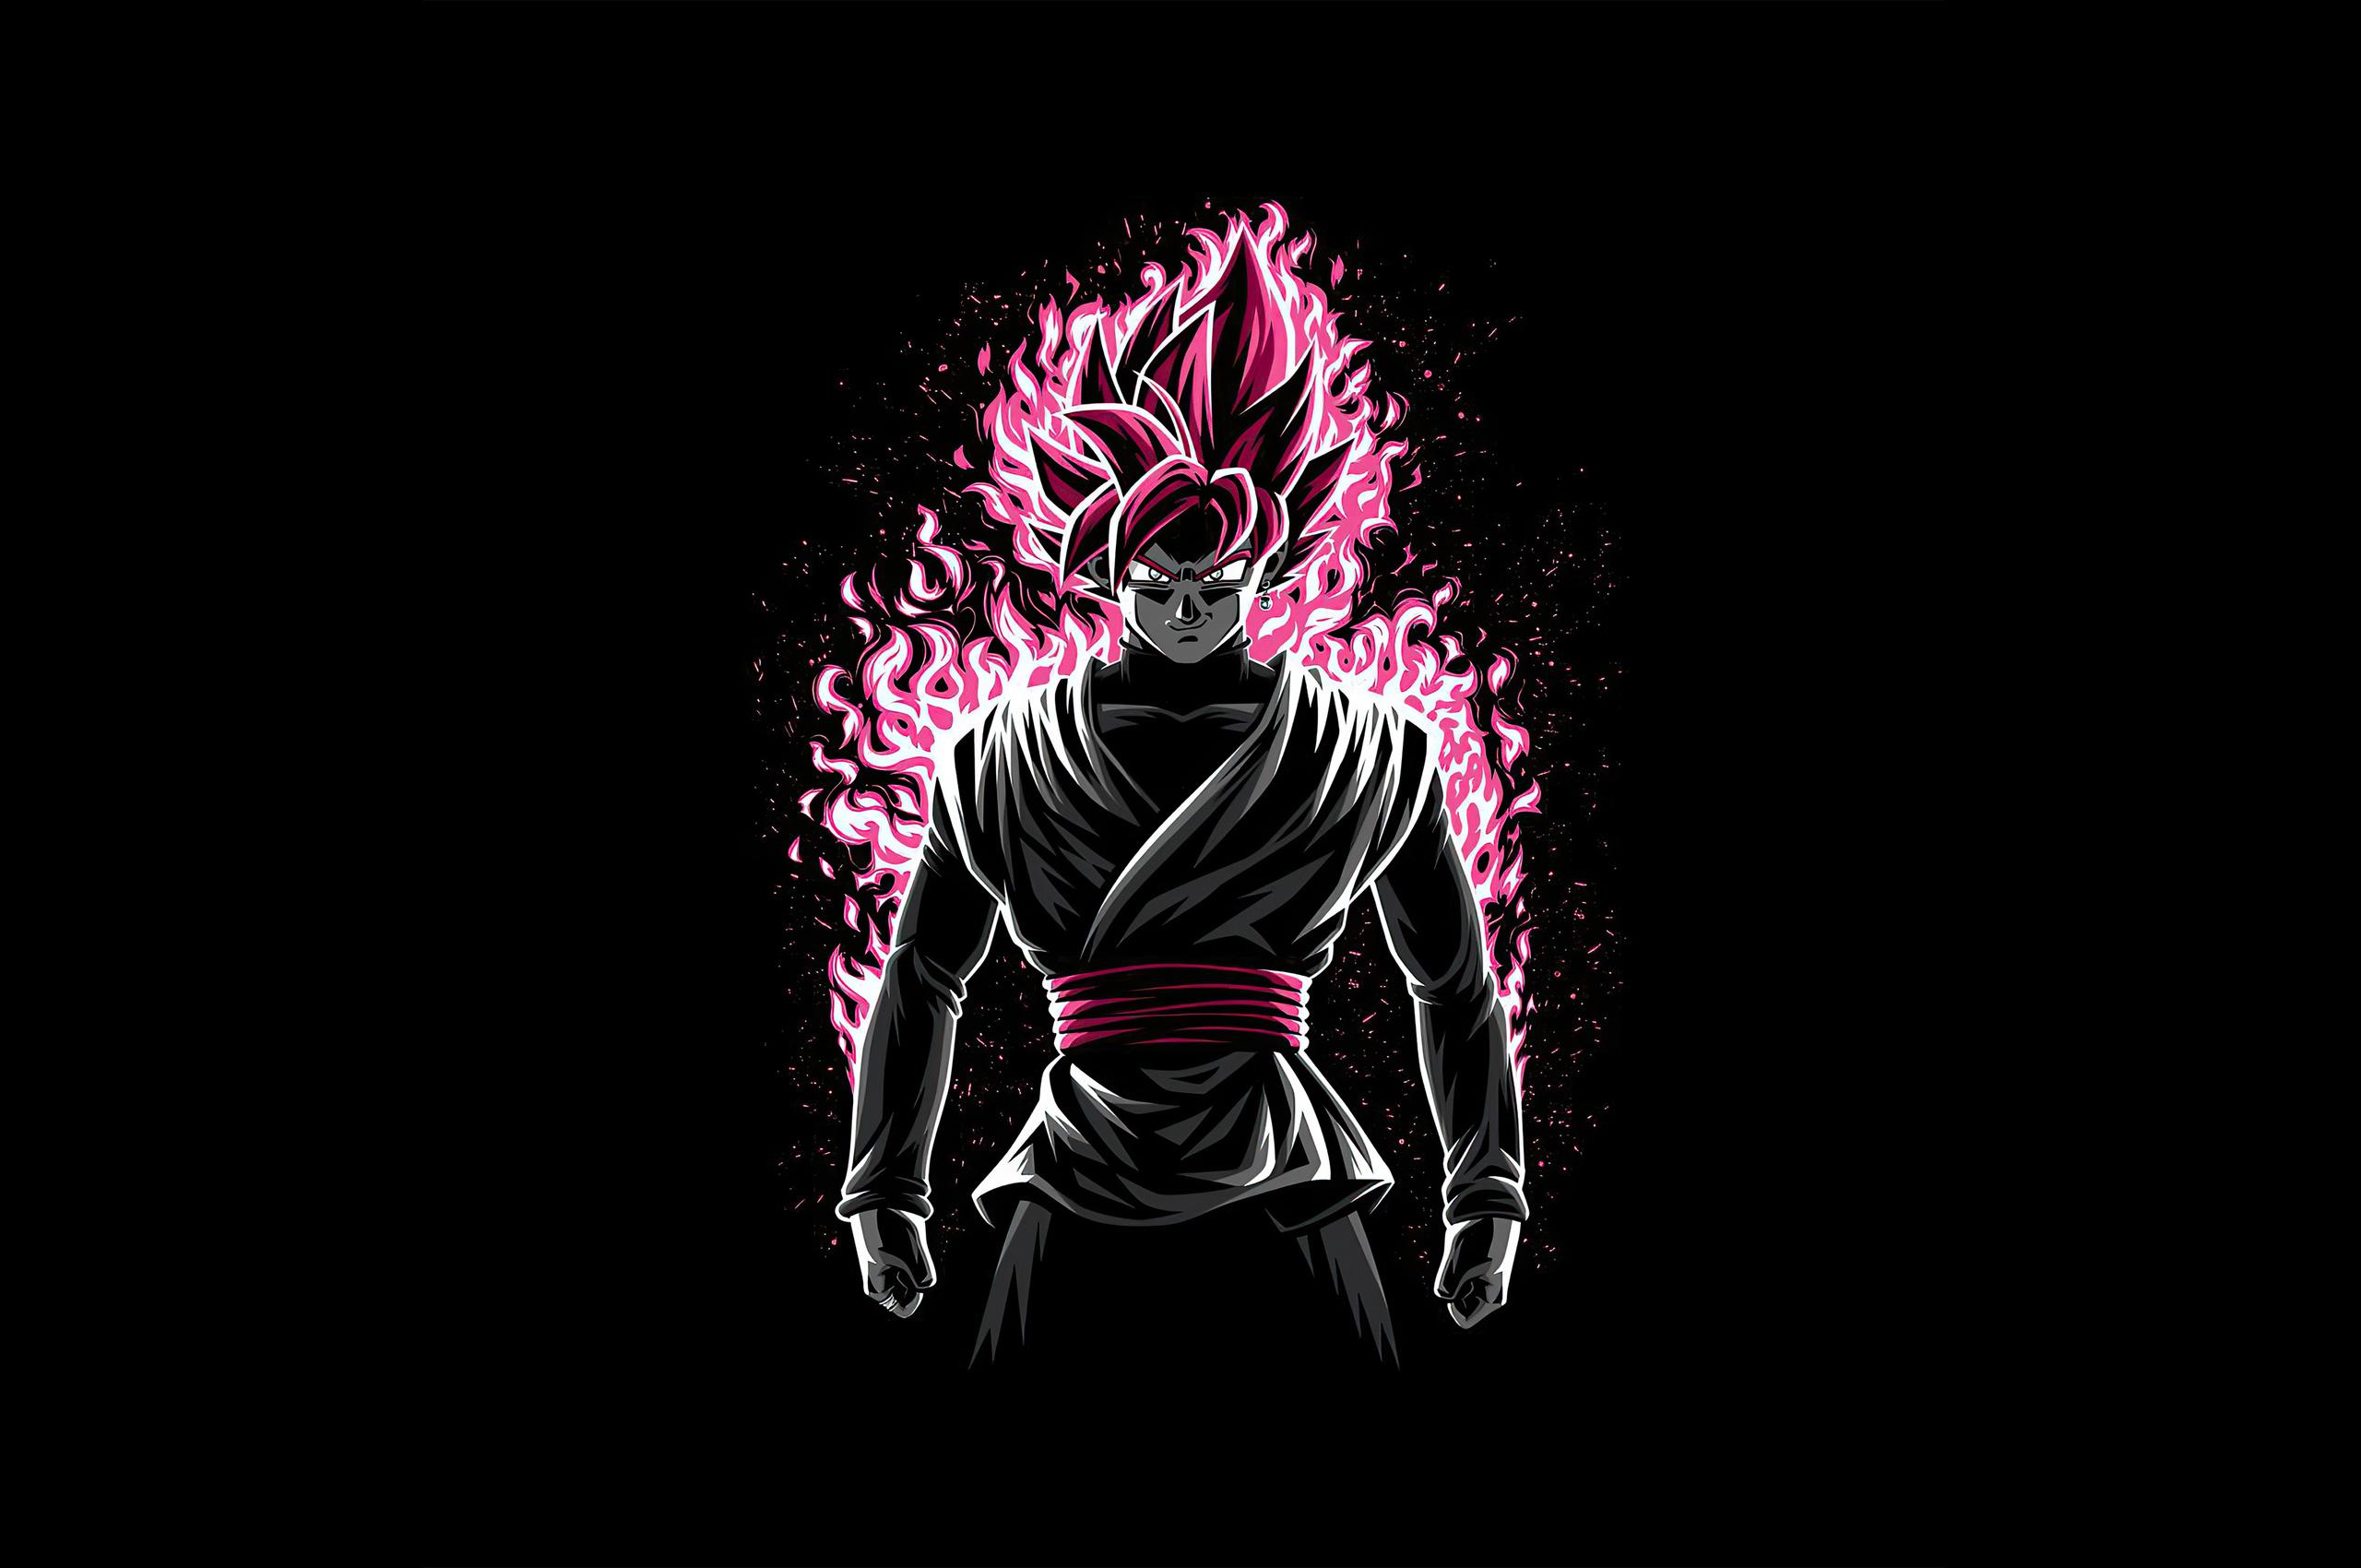 2560x1700 Battle Fire Black Rose Dragon Ball Z 4k ...